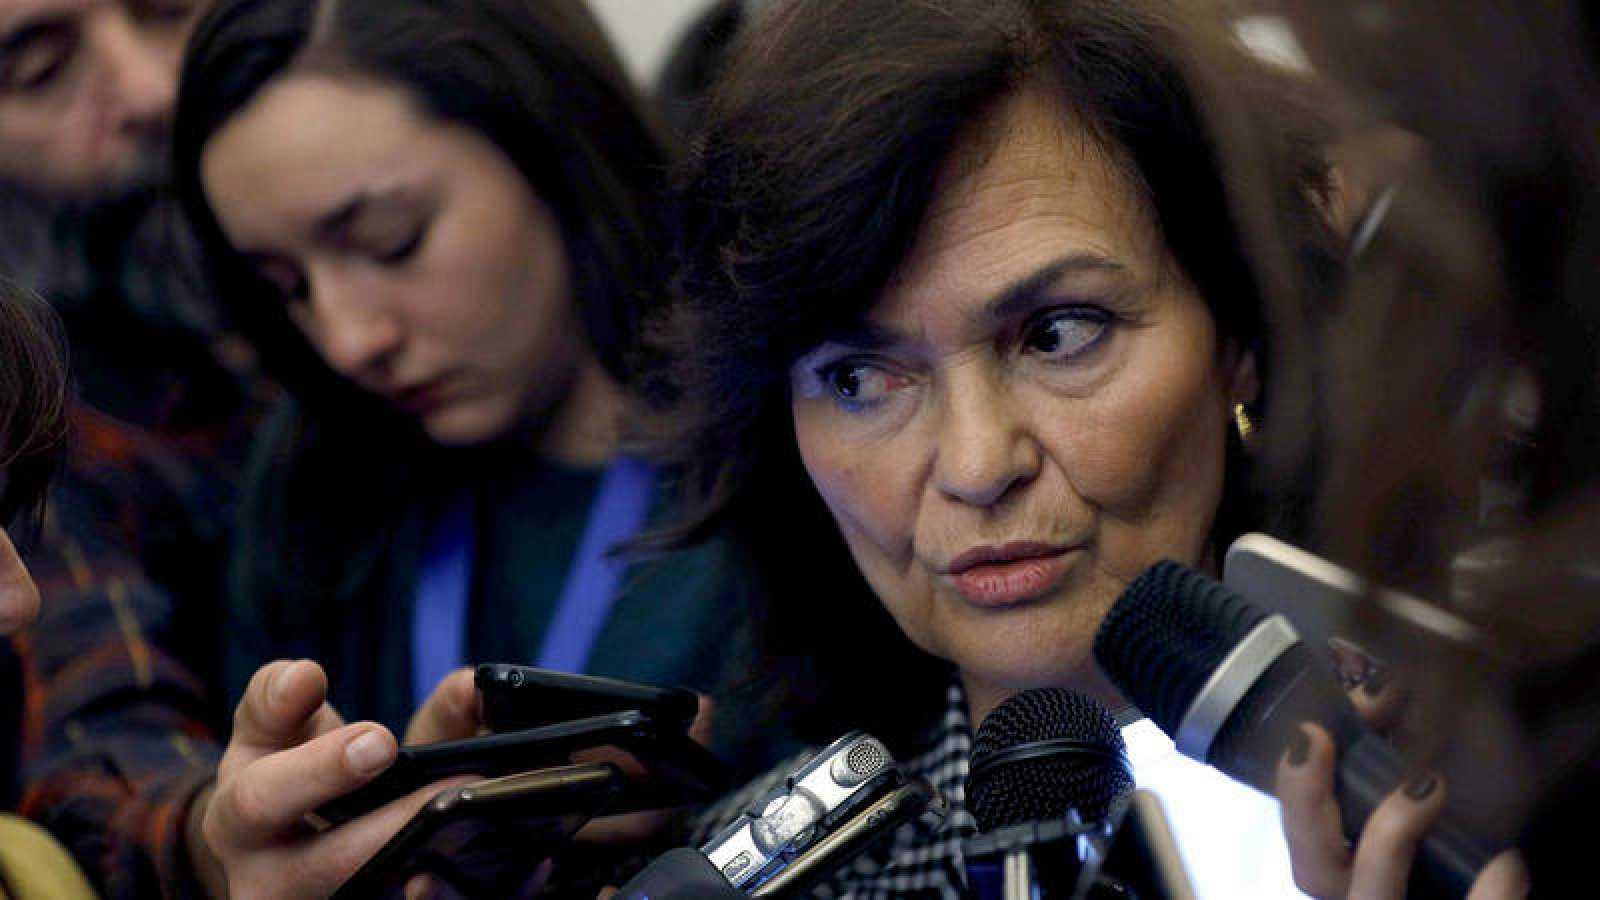 La vicepresidenta del Congreso, Carmen Calvo, en el Congreso EFE/Chema Moya